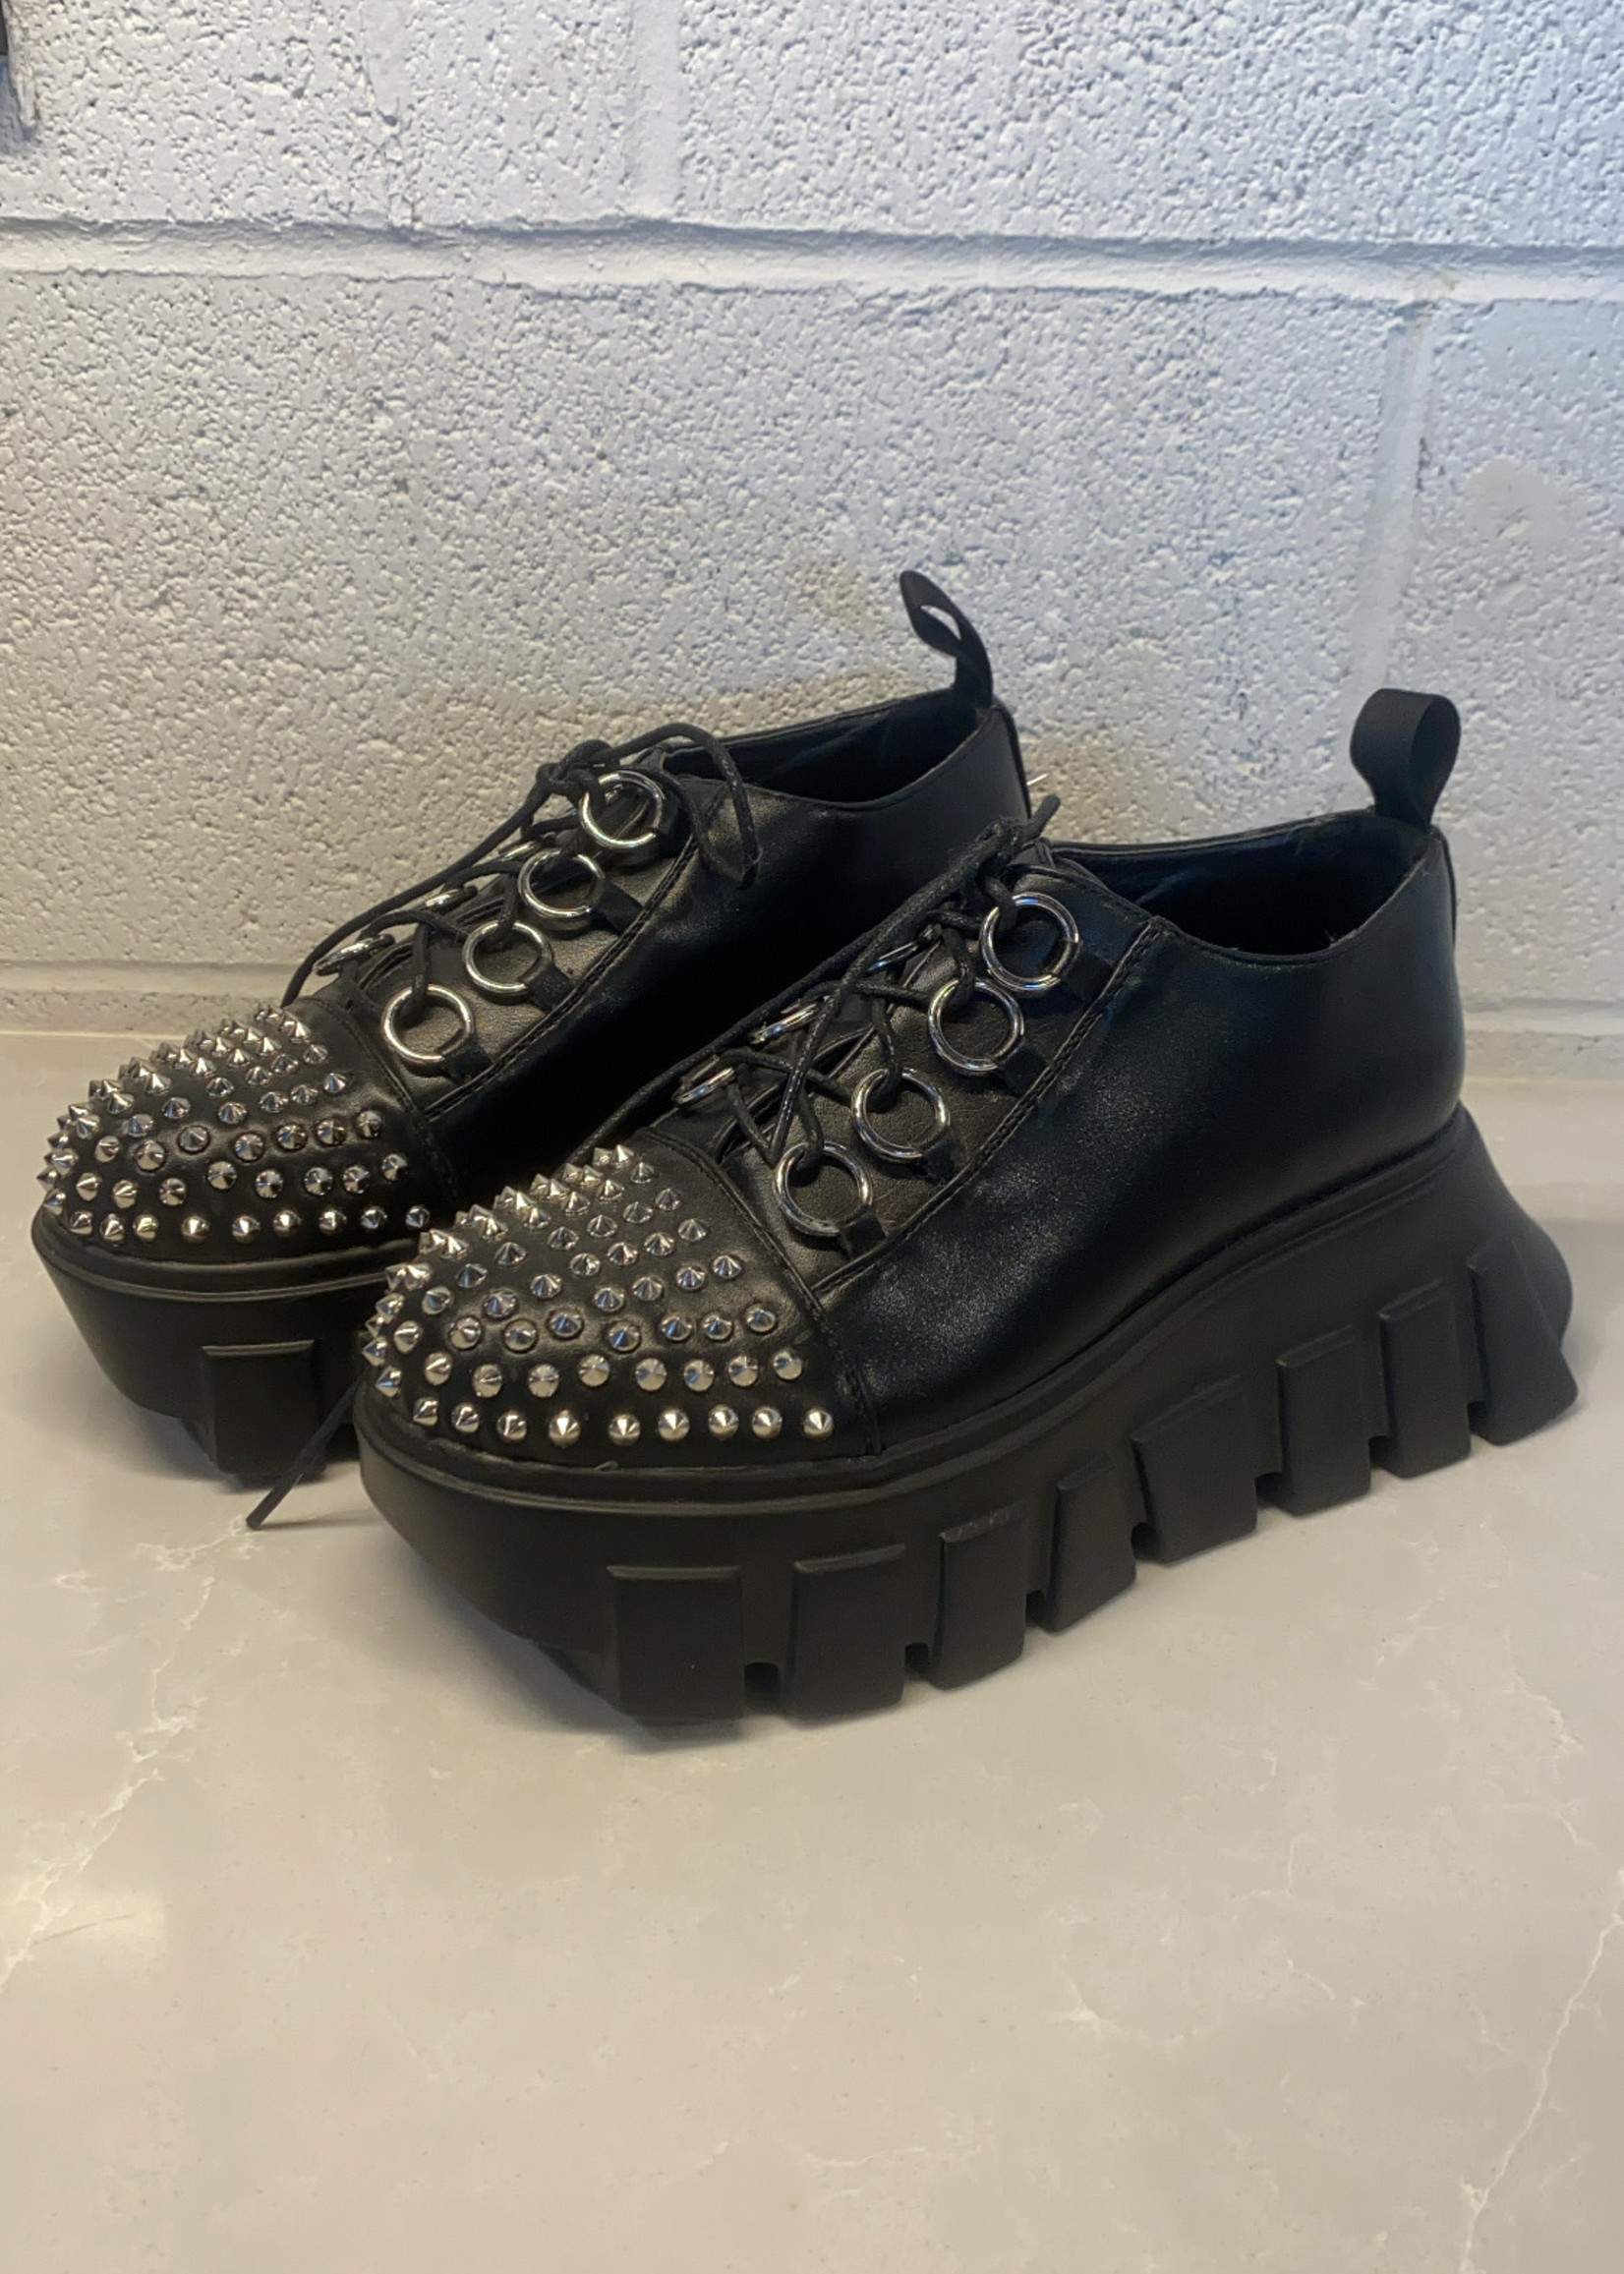 La Moda Black Platform Spike Sneakers 6